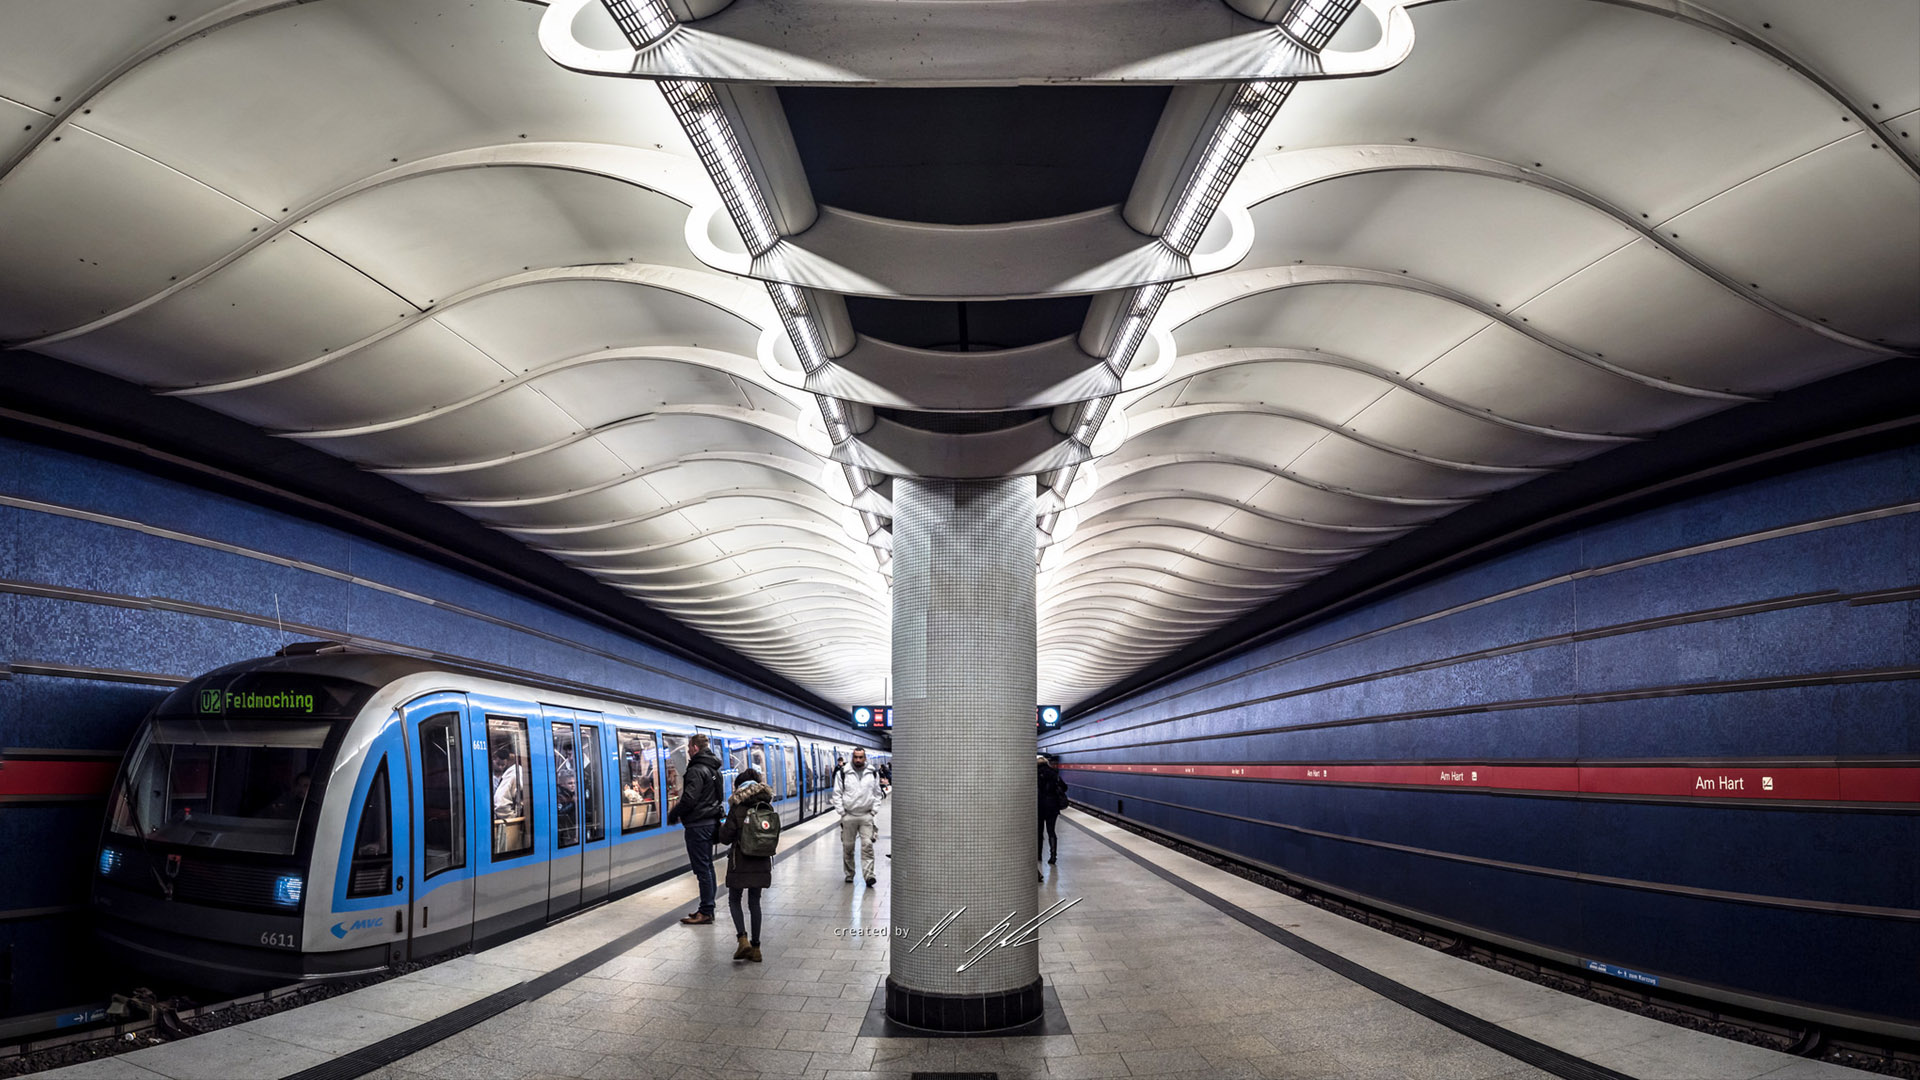 Photofocus Photographer of the Day Mark Meyer zur Heide for Underground Train. Travel